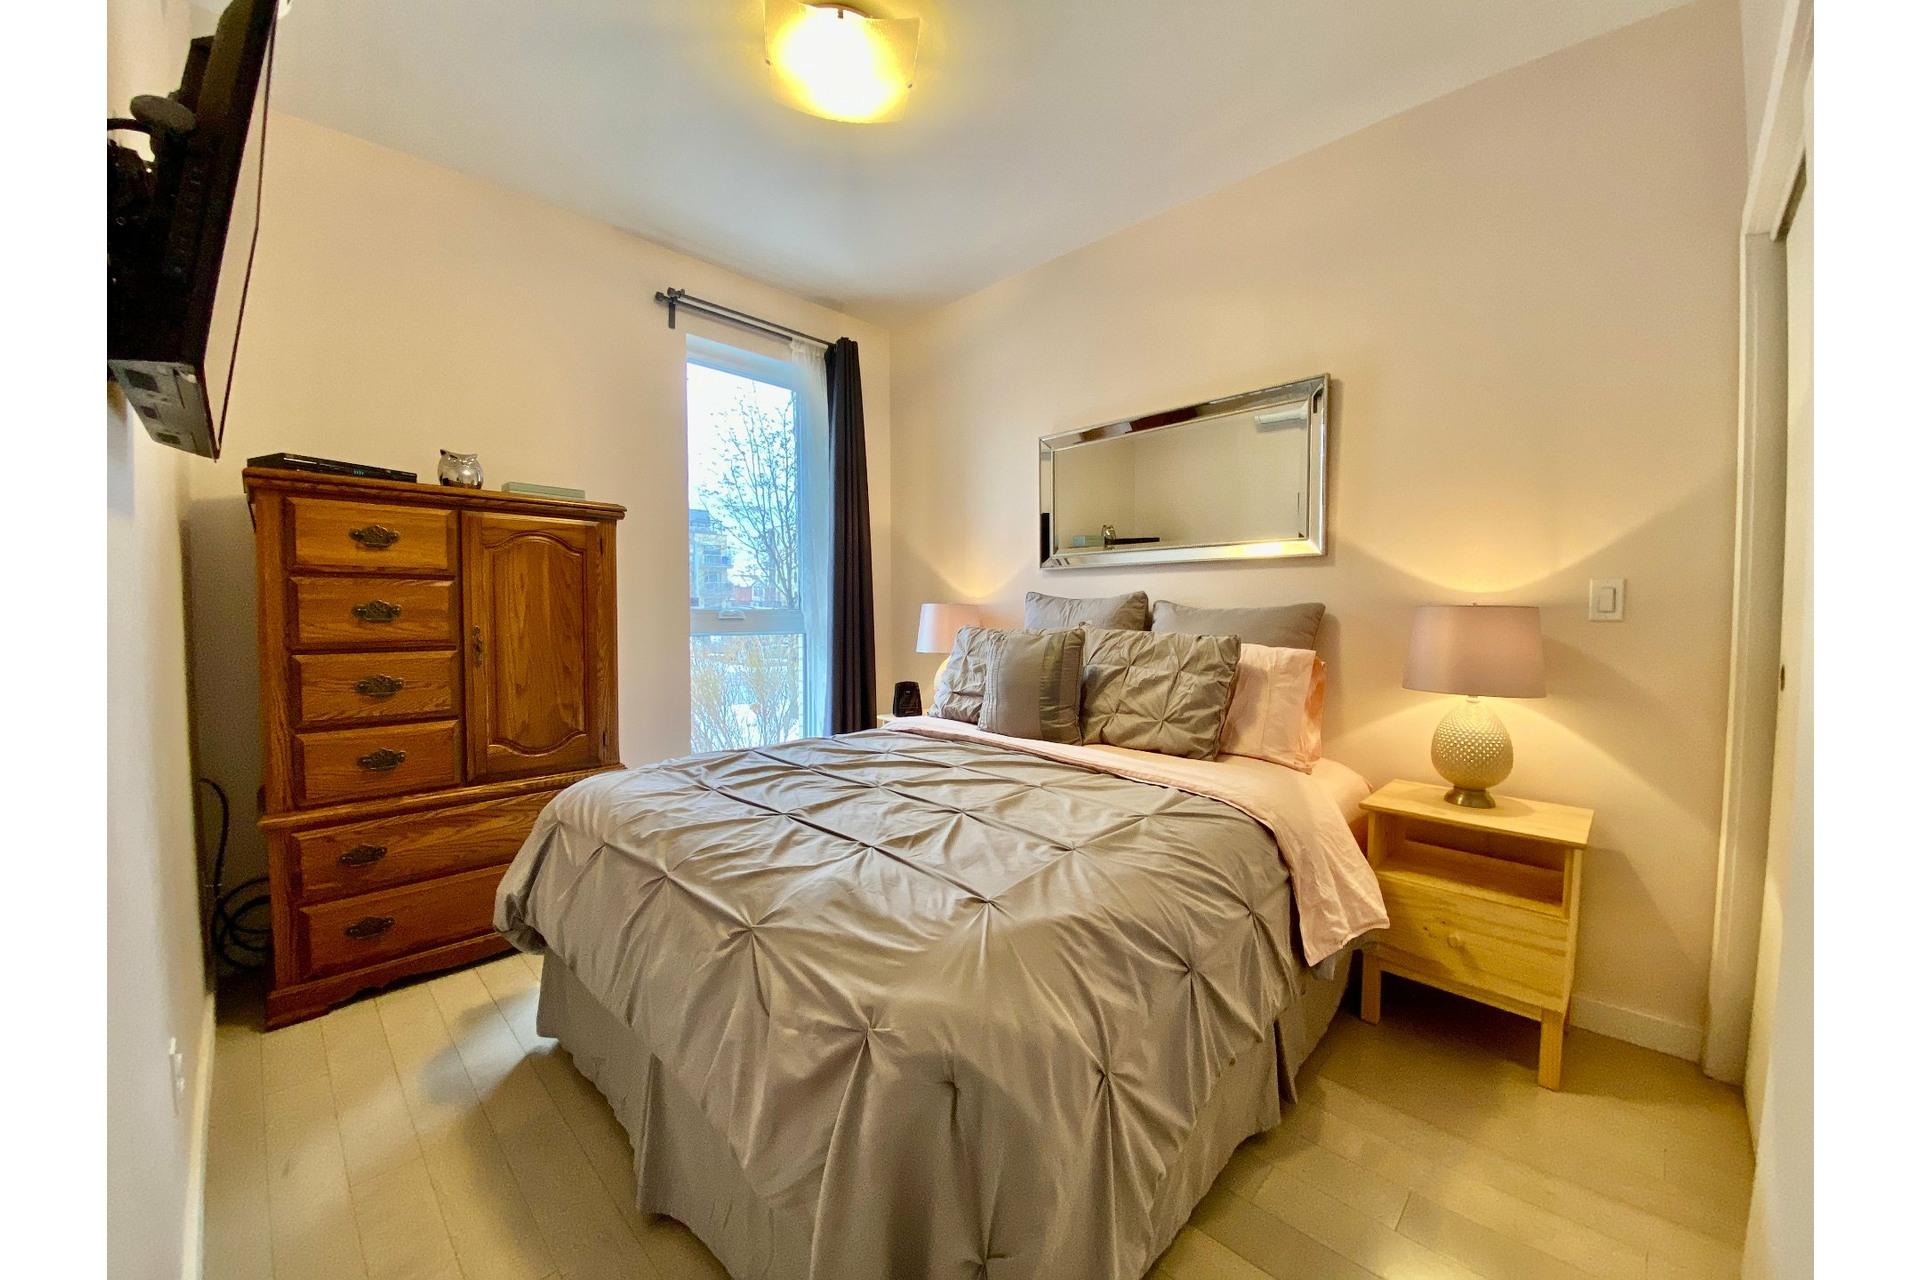 image 10 - Appartement À vendre Lachine Montréal  - 8 pièces